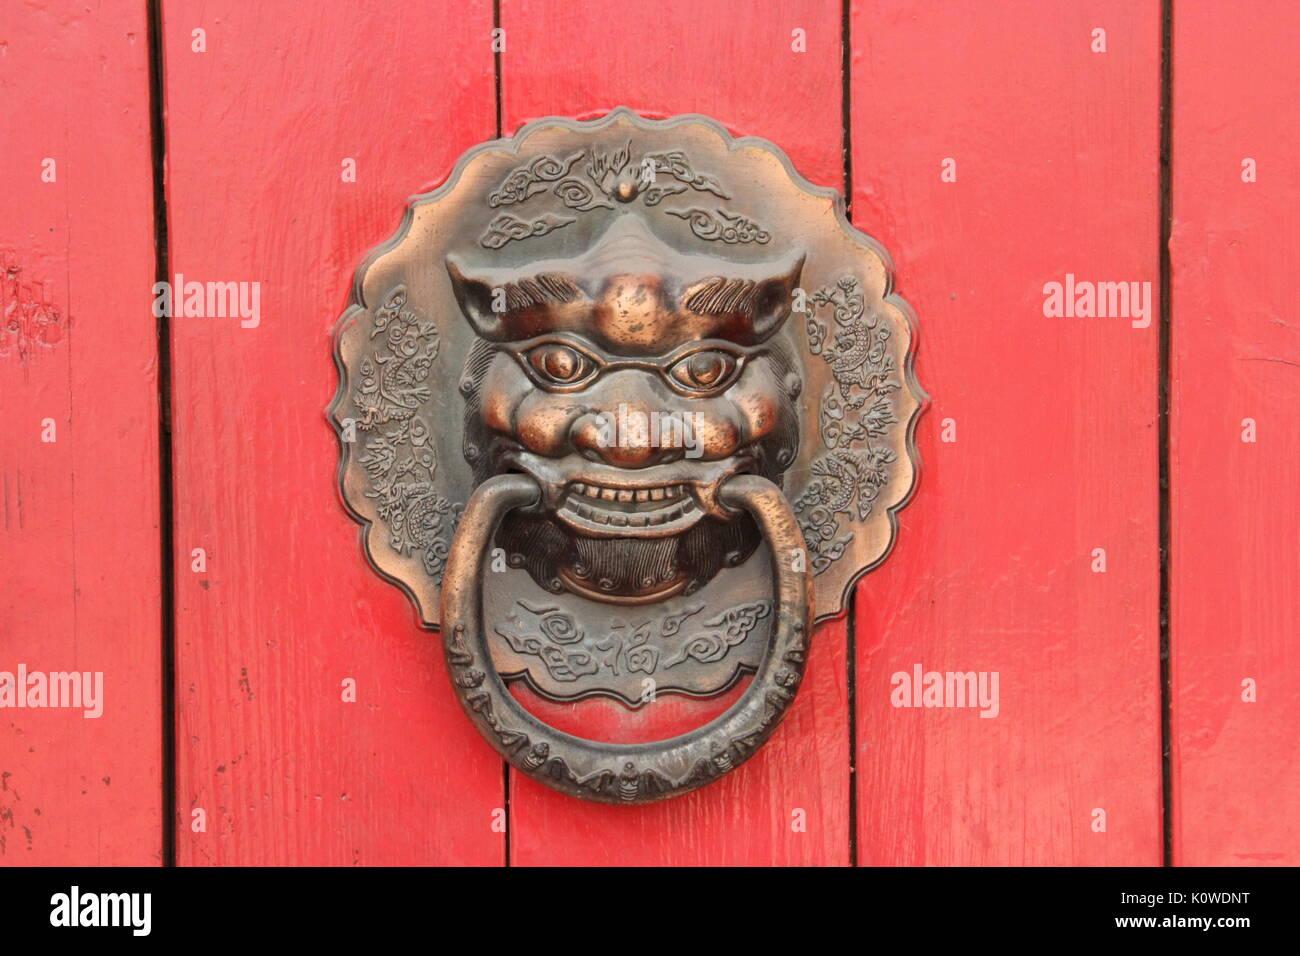 Chinese Deity door knocker - Stock Image & Chinese Demon Stock Photos u0026 Chinese Demon Stock Images - Alamy